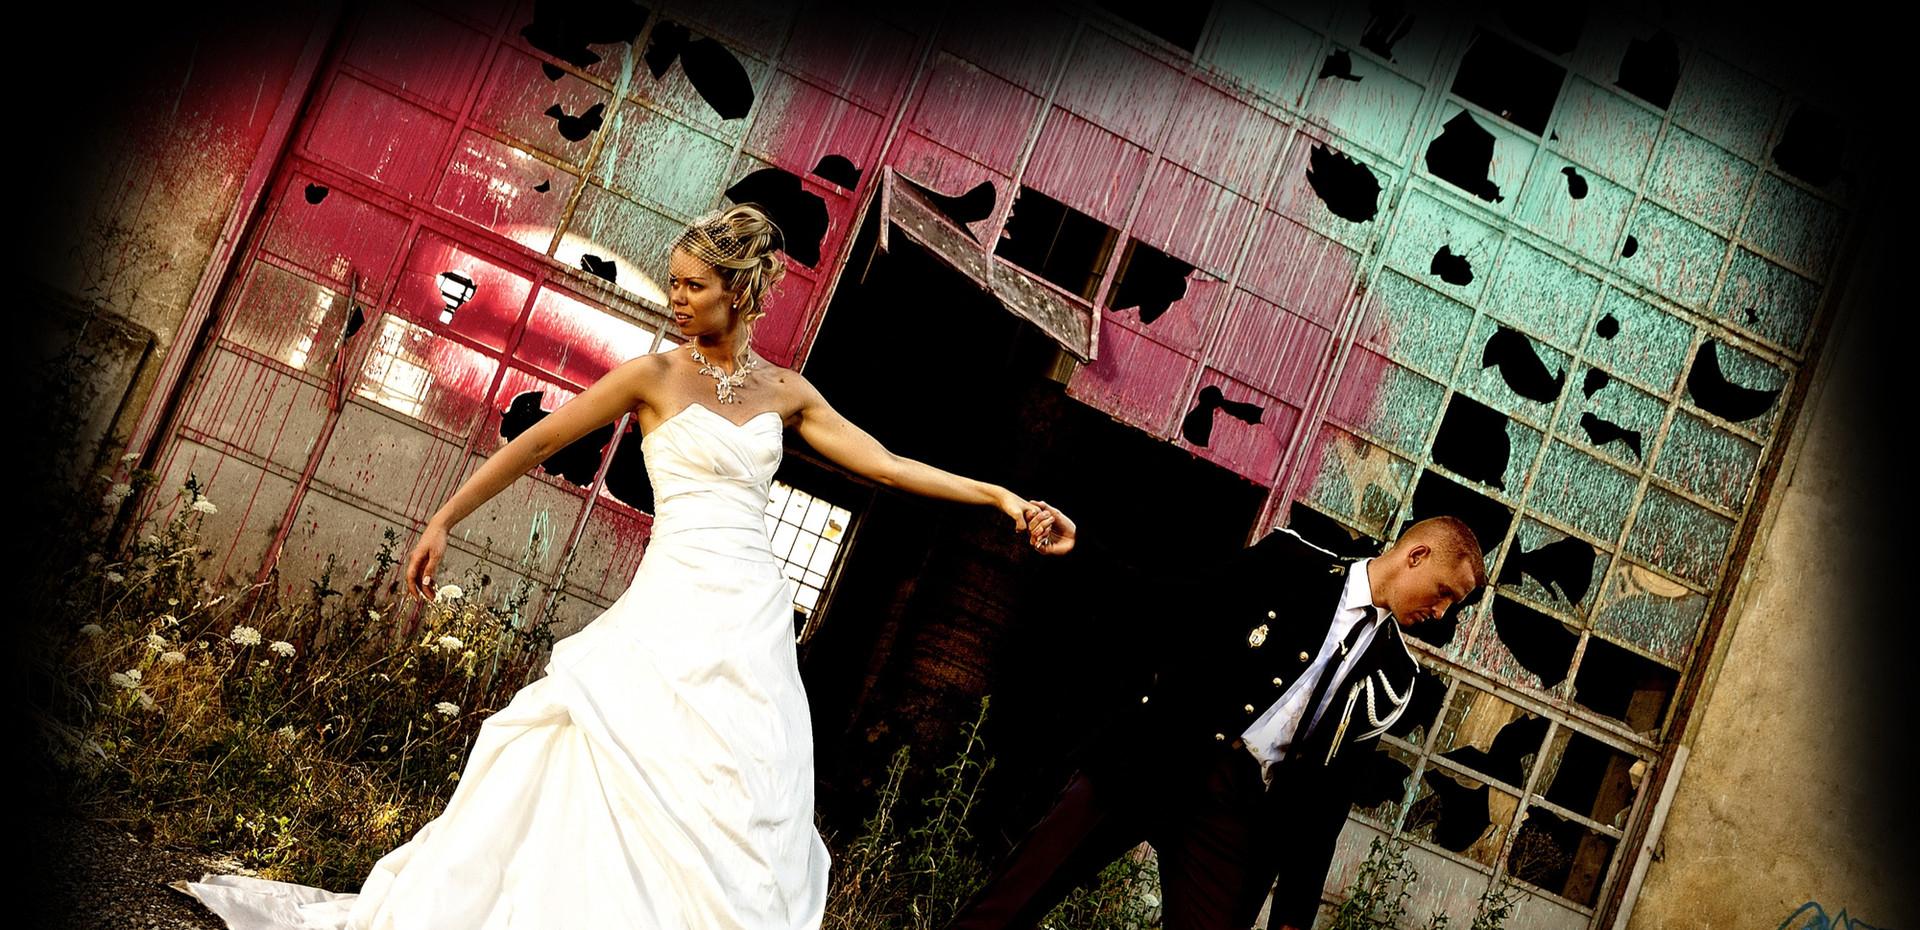 MARIAGE Photo Personnalisé